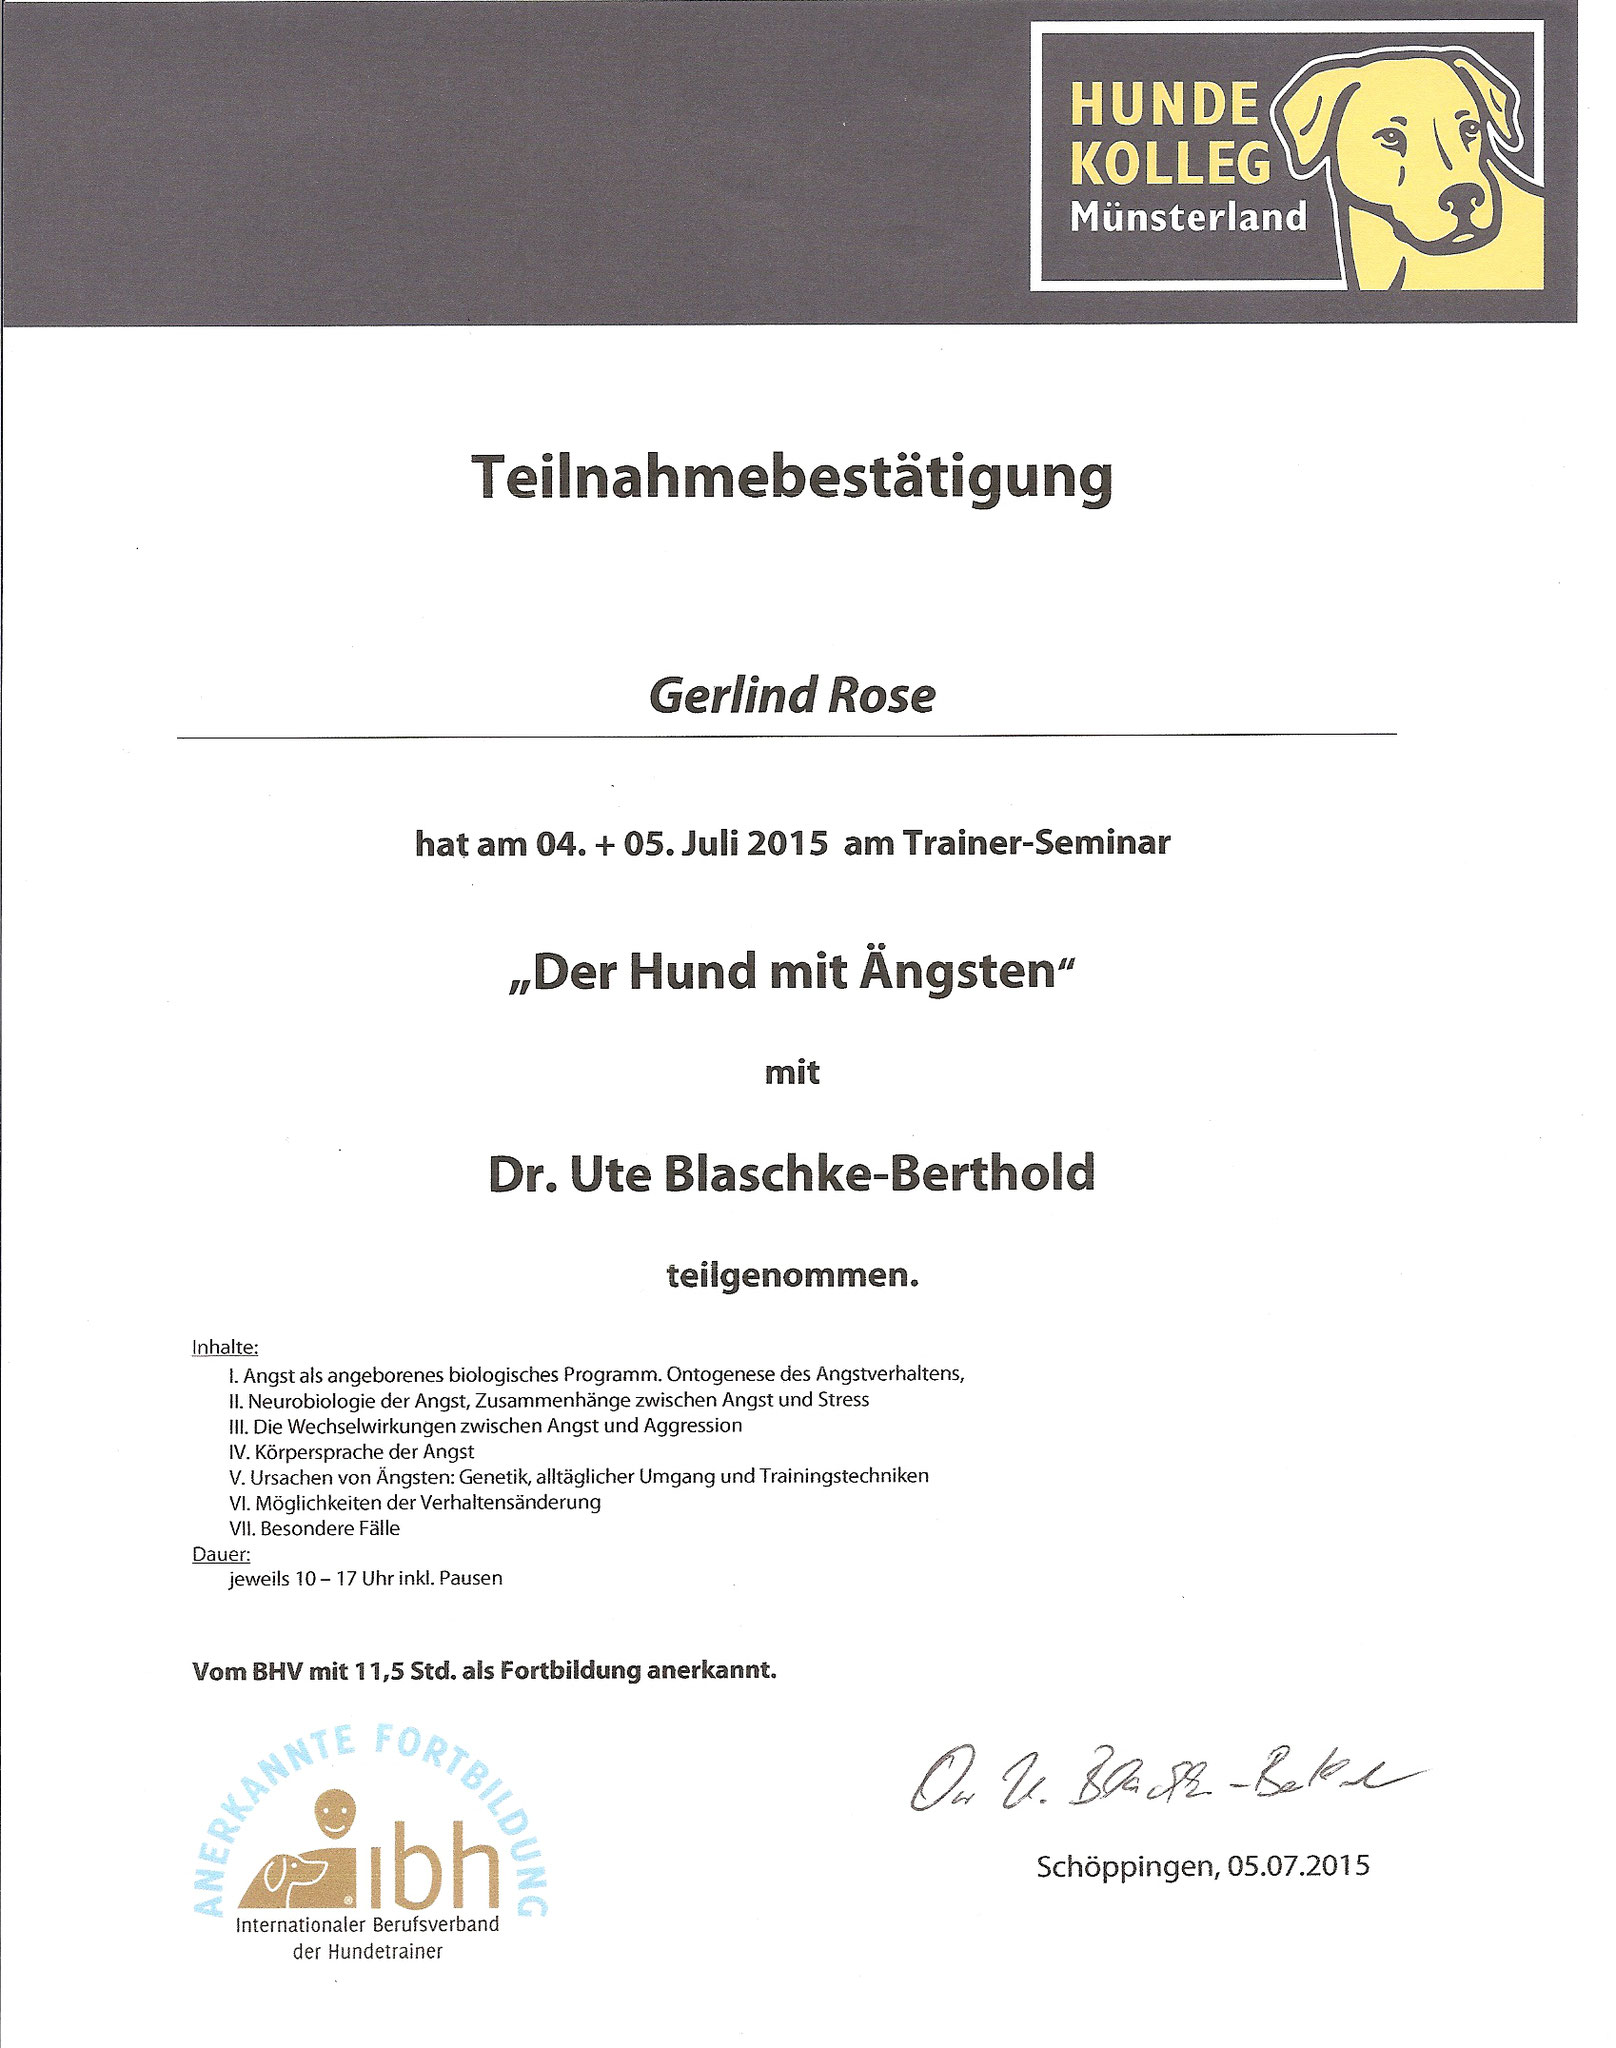 Der Hund mit Ängsten - Dr. U. Blaschke-Berthold